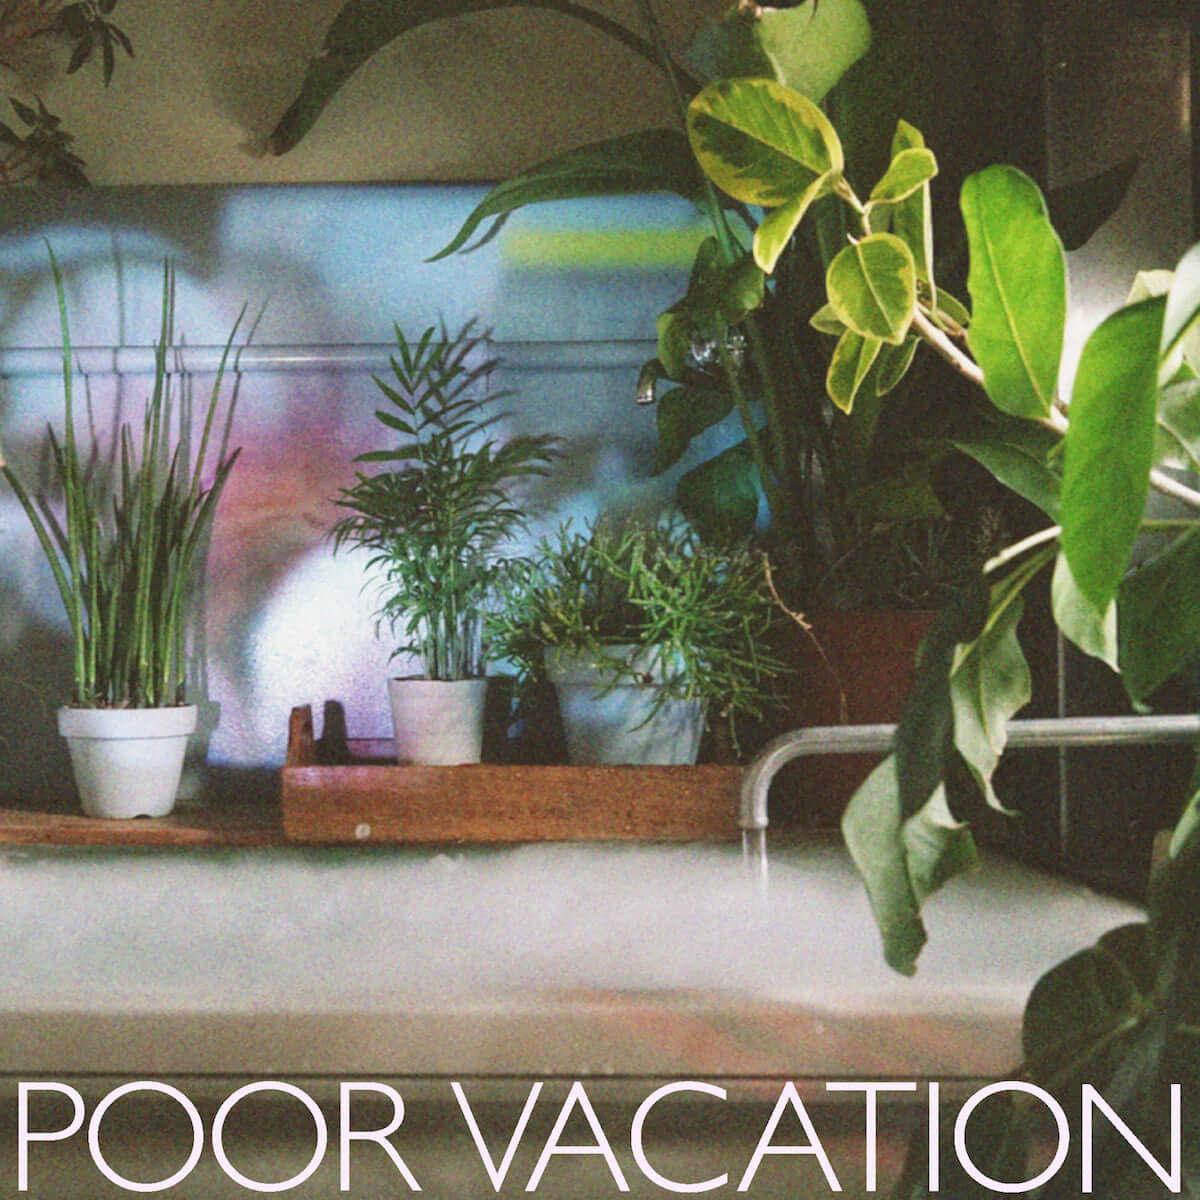 次世代都市型ポップ・グループPoor Vacationの1stアルバムが11月に発売 music181011-poor-vacation-2-1200x1200